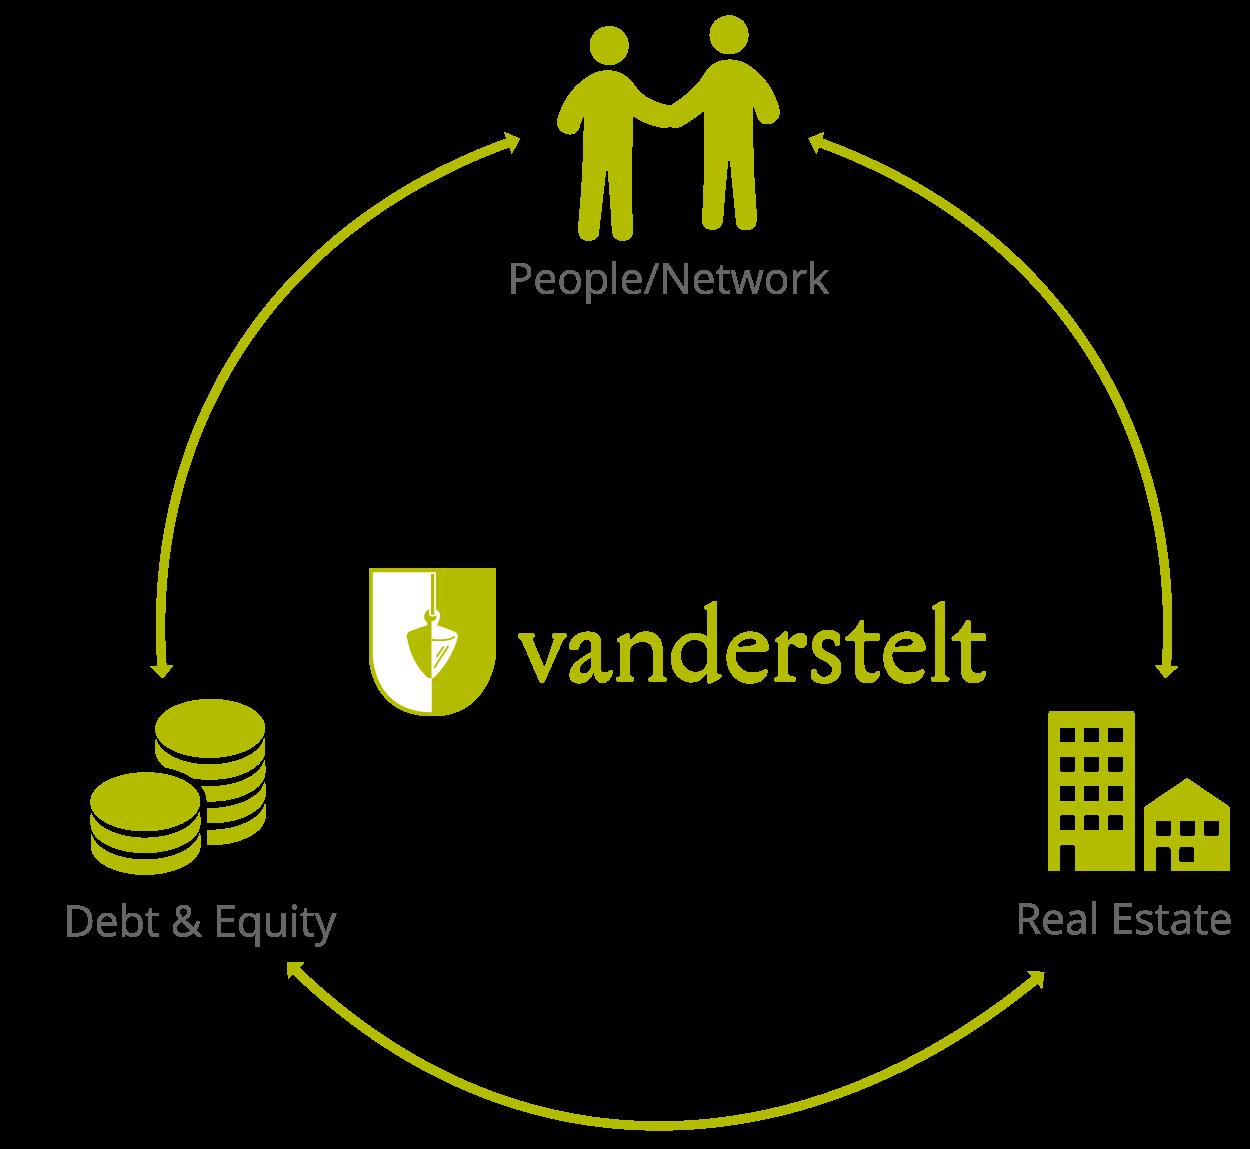 VANDERSTELT - Circle Diagram